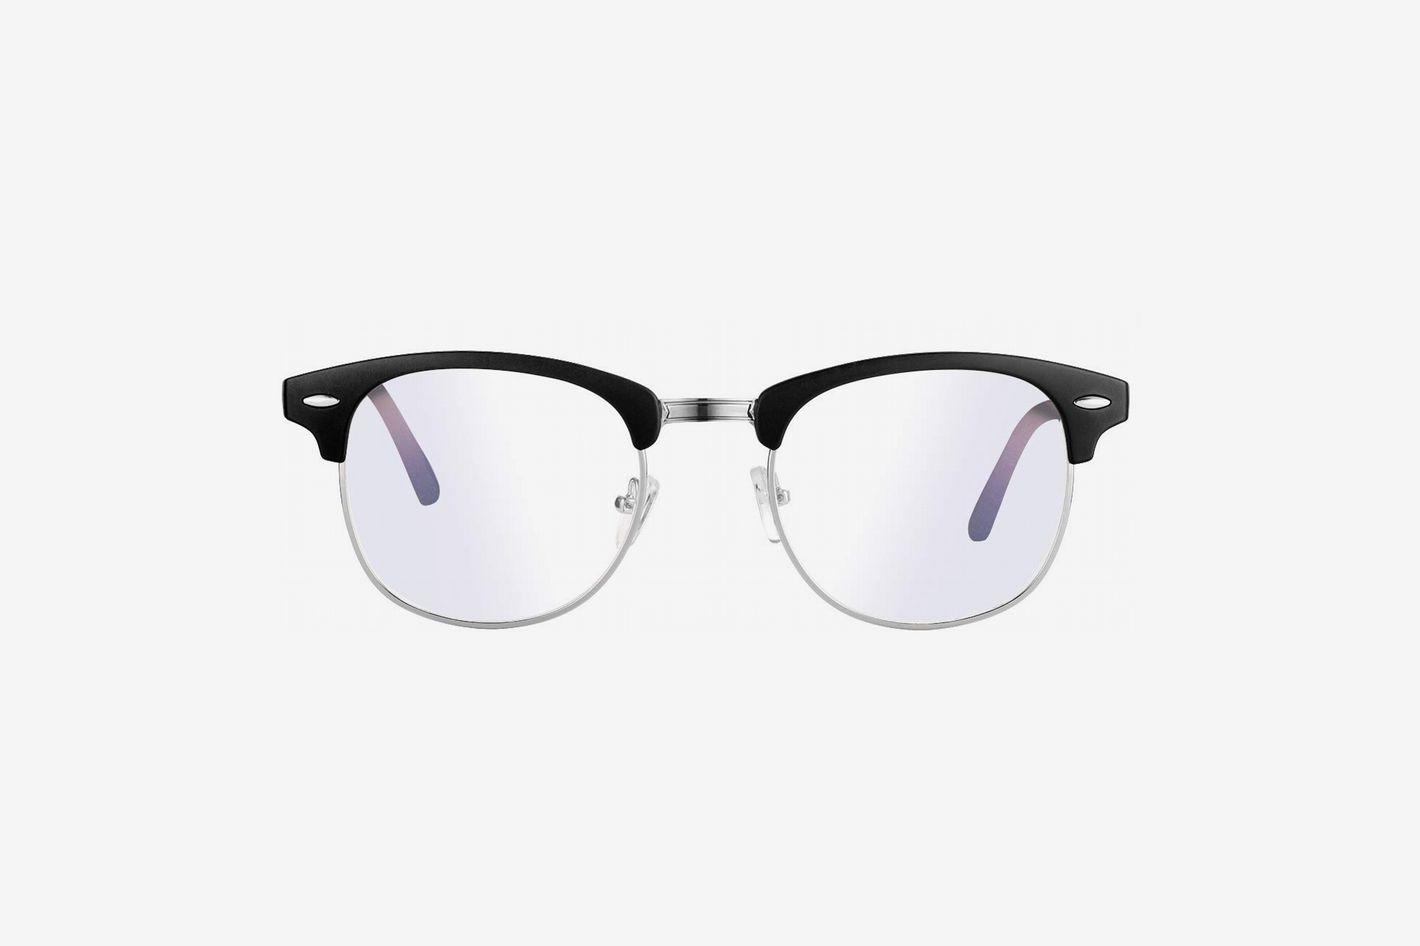 Feidu blue light blocking glasses clear lens